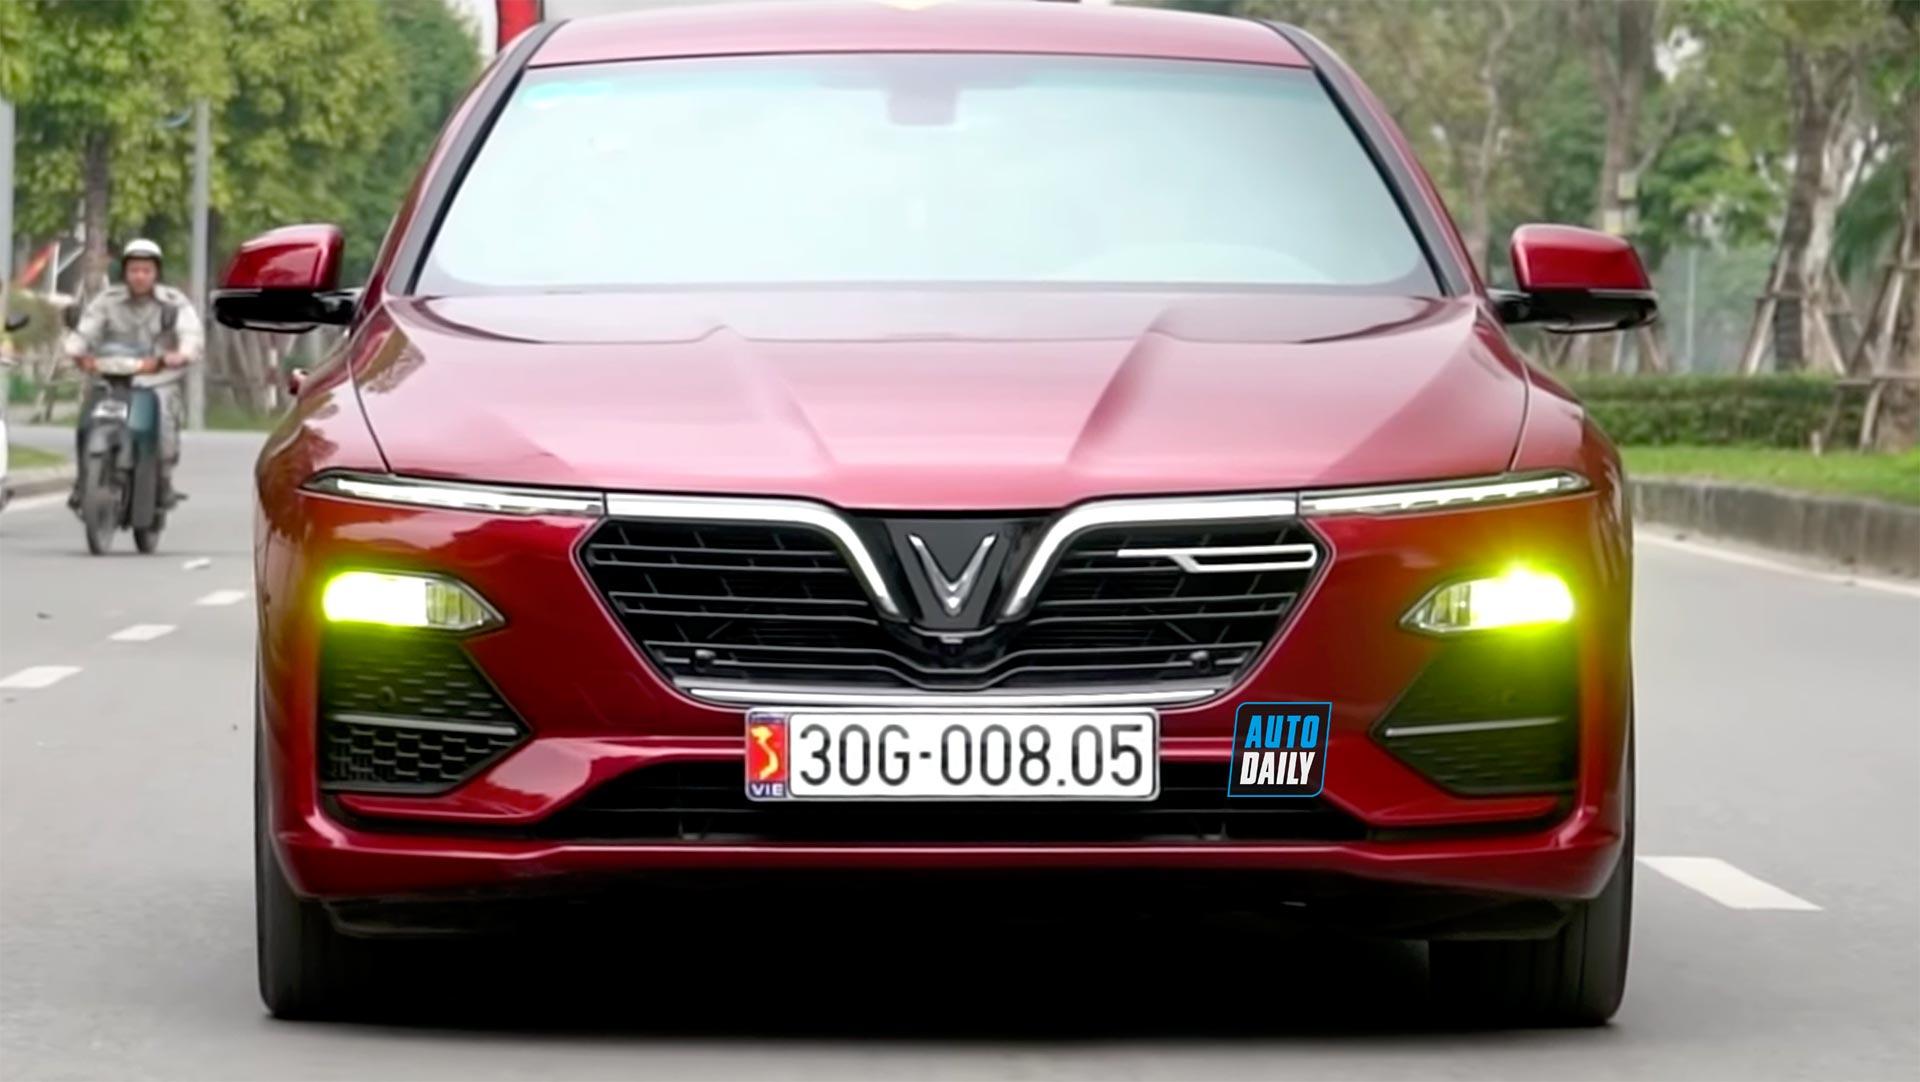 Đánh giá xe Vinfast Lux A 2.0 2020: Người dùng KHEN CHÊ